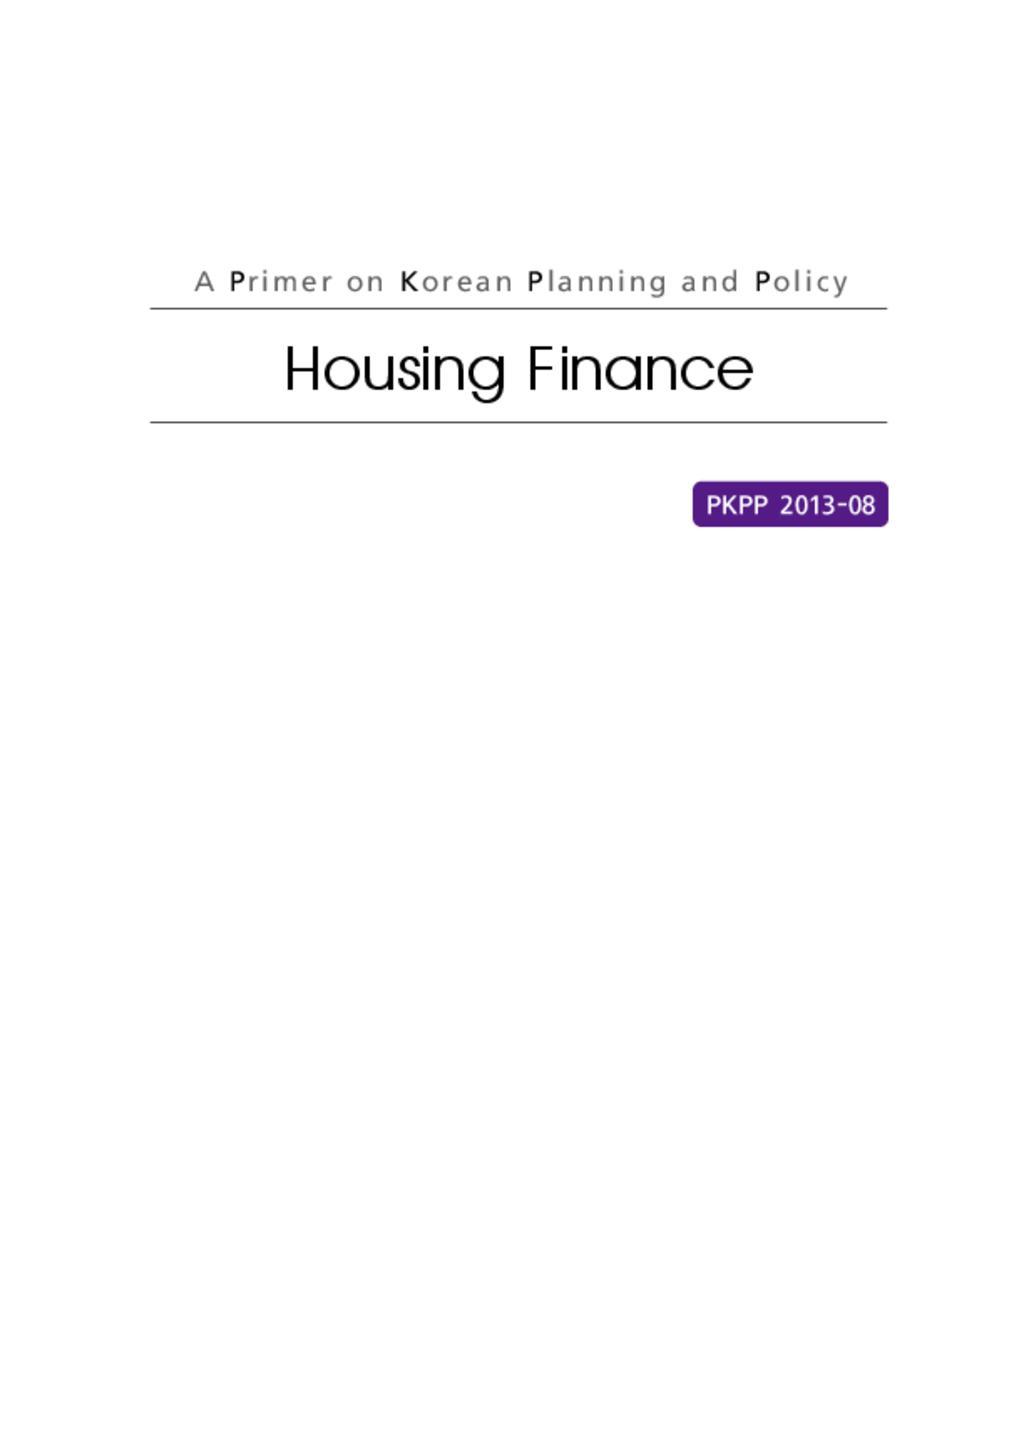 Housing Finance in Korea